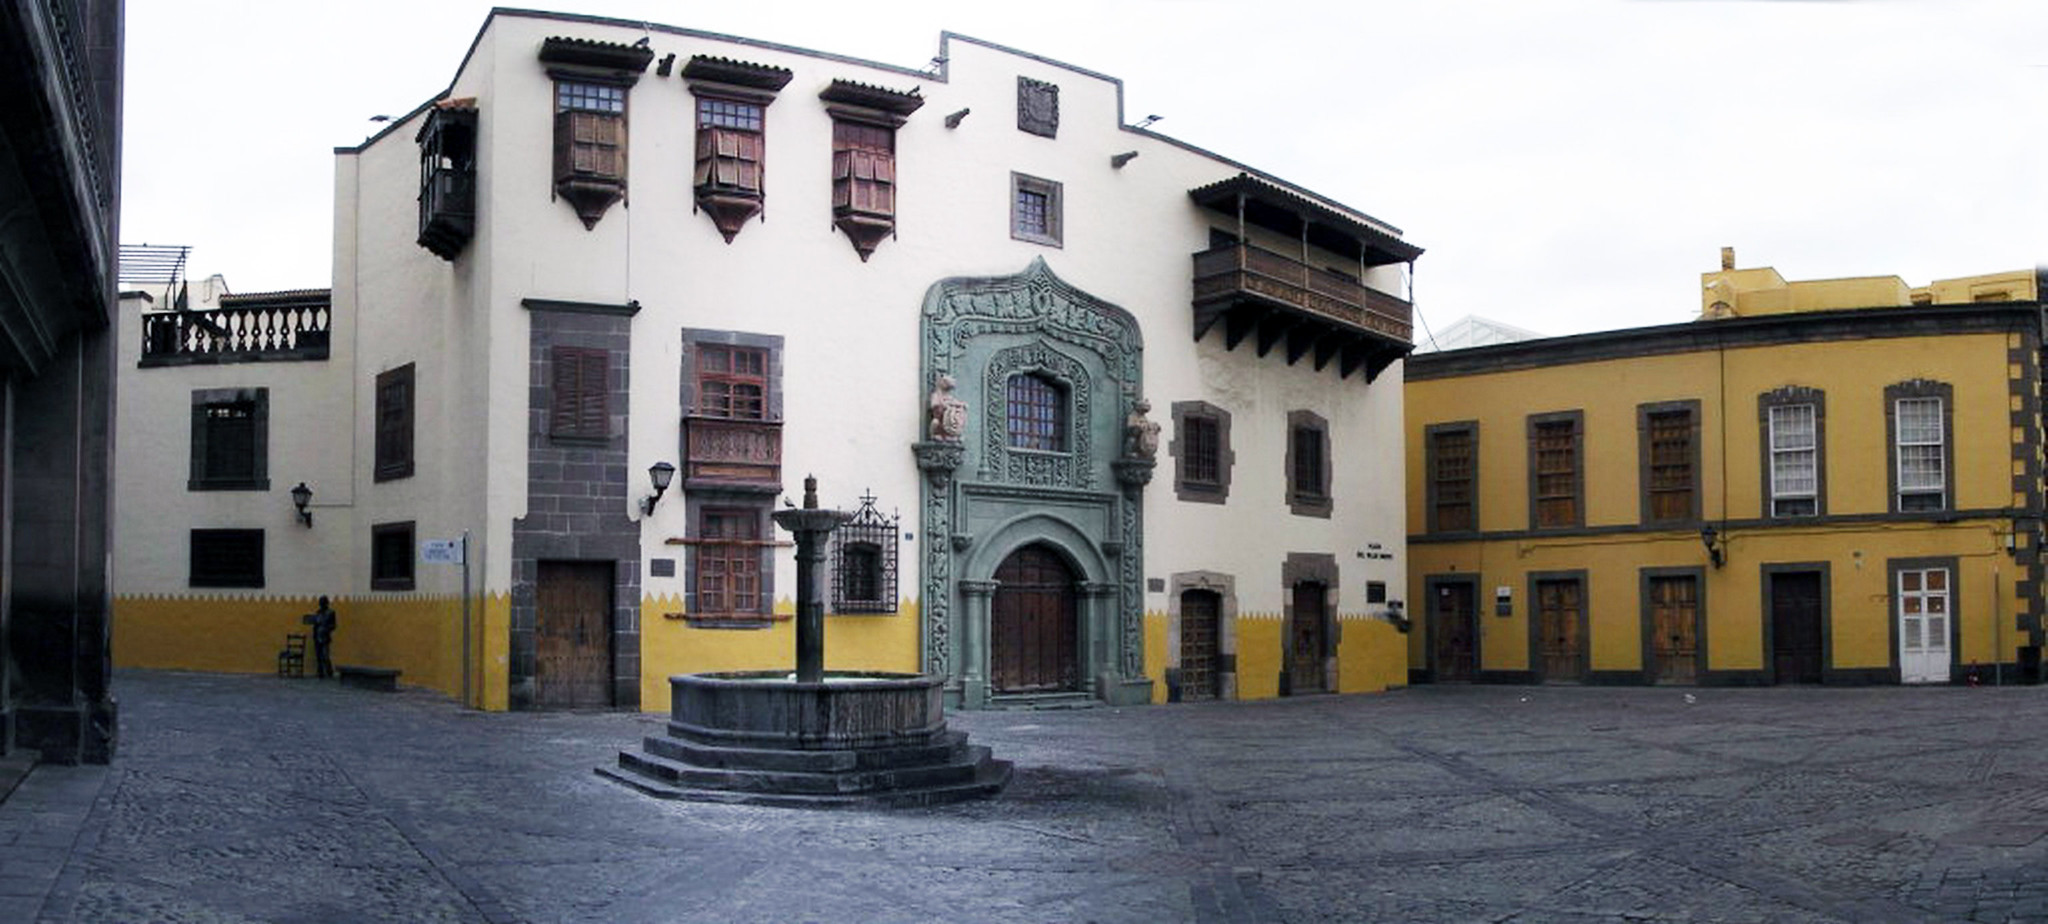 fuente y Museo Casa de Colon Plaza del Pilar Nuevo barrio de Vegueta Las Palmas de Gran Canaria